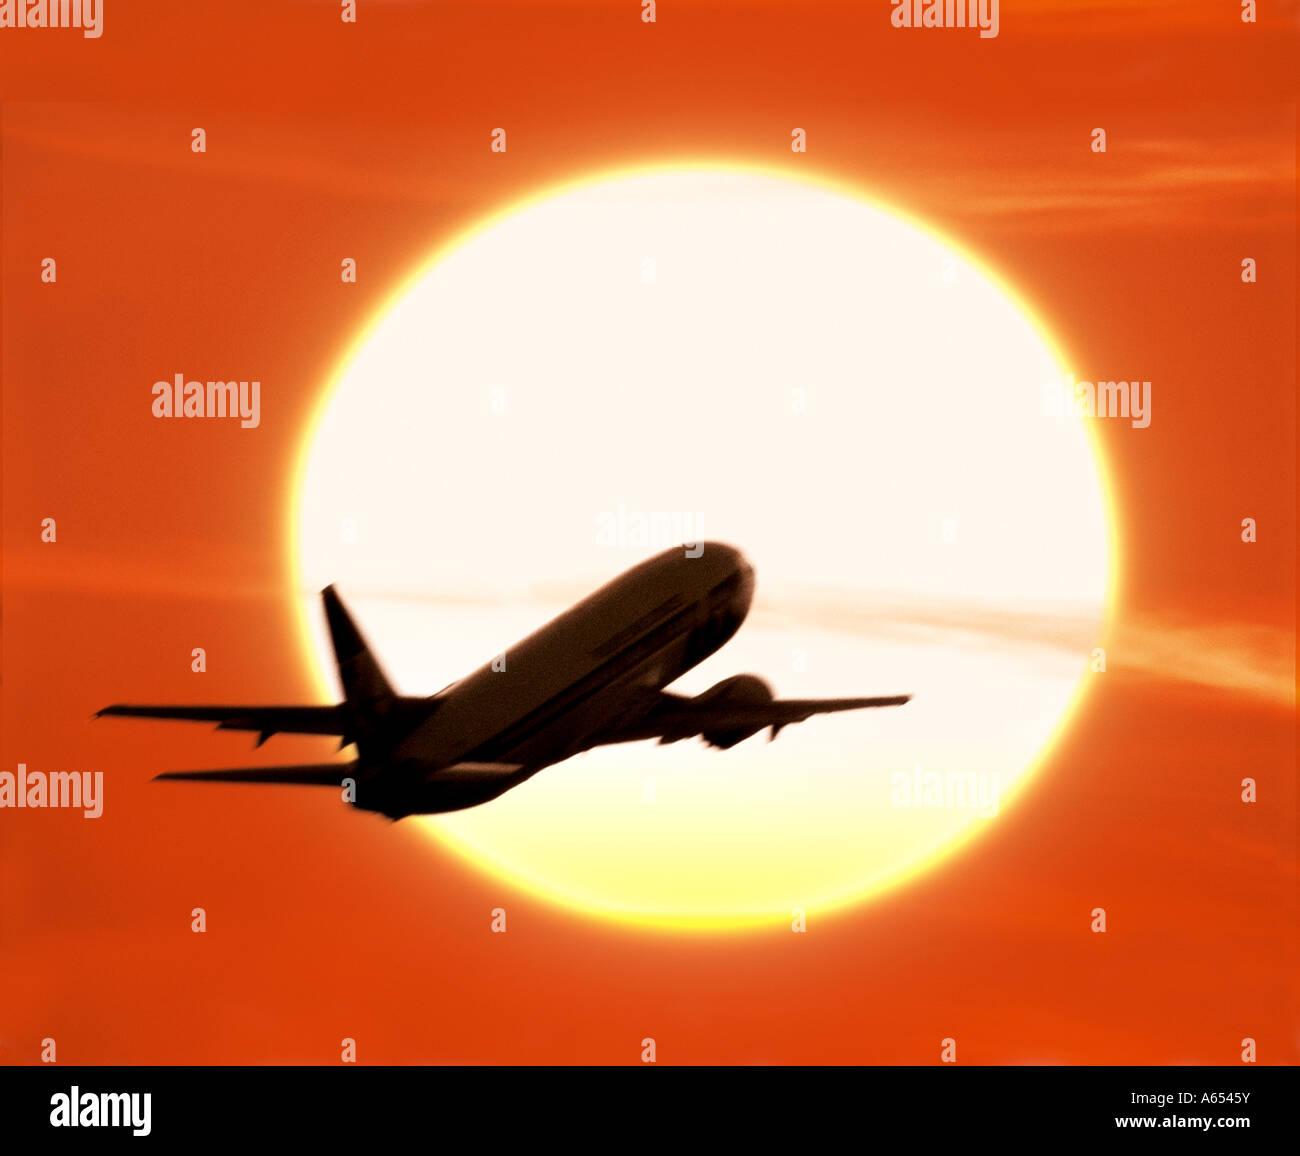 Flugzeug gegen die untergehende Sonne Silhouette Stockbild